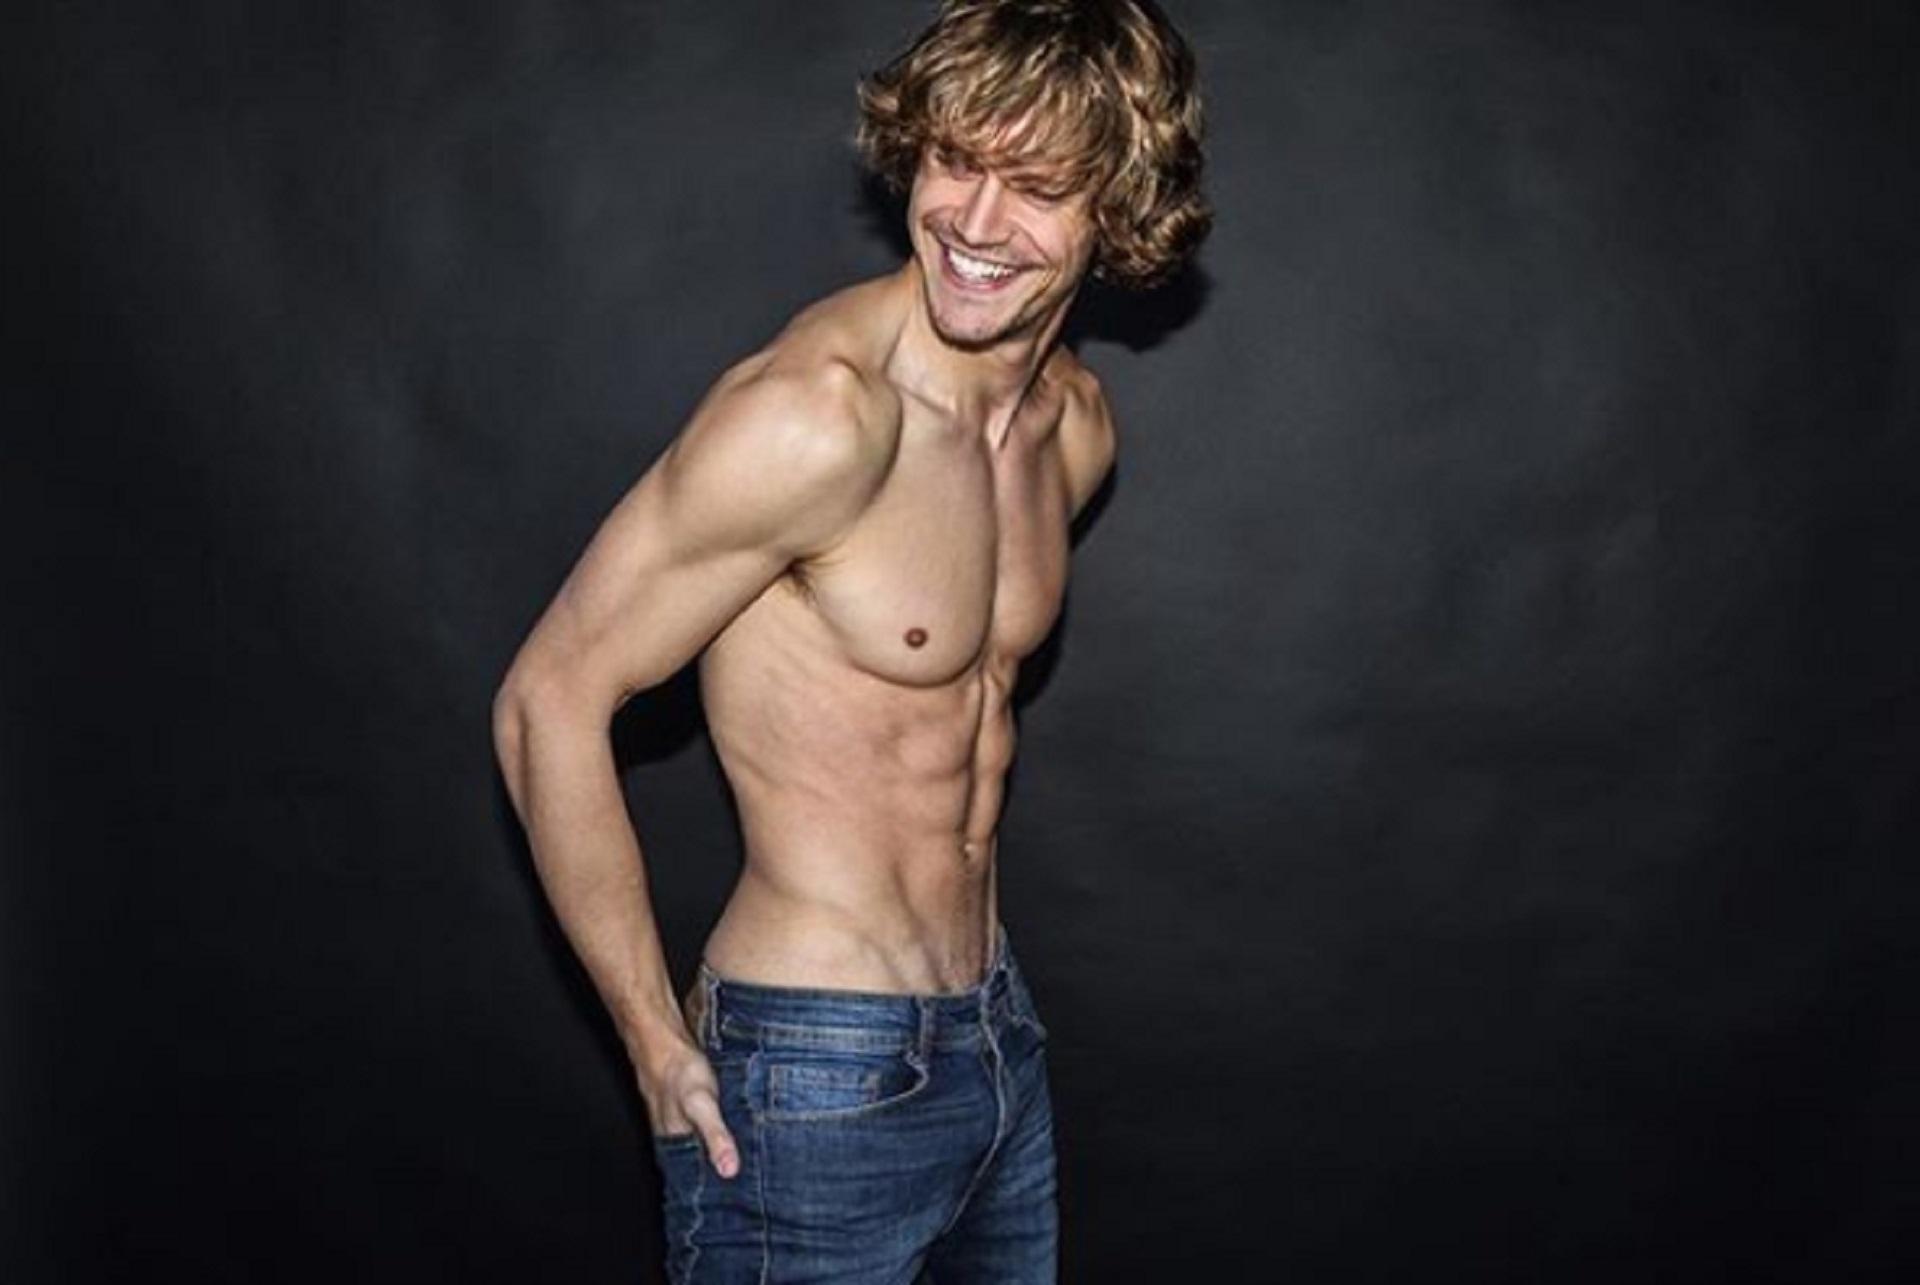 Leo tiene 29 años, es de Alvear (provincia de Santa Fe) y estudió periodismo en Rosario